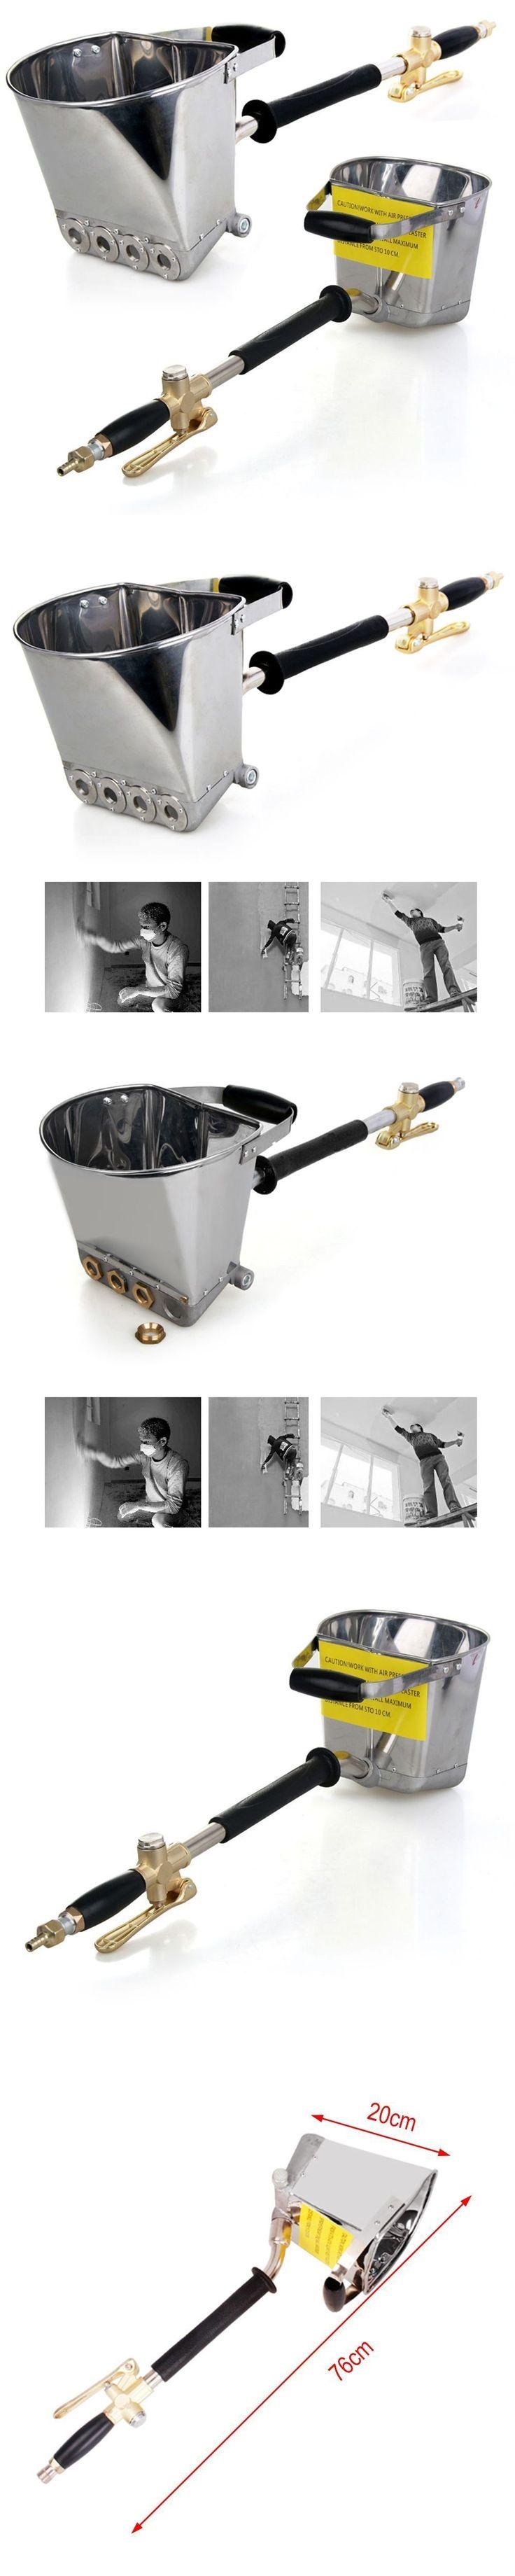 """Air Stucco Cement Plaster Texture Hopper Sprayer Gun Wall Plastering Tool 30""""  Jet Cement Mortar Sprayer Hopper Stucco"""